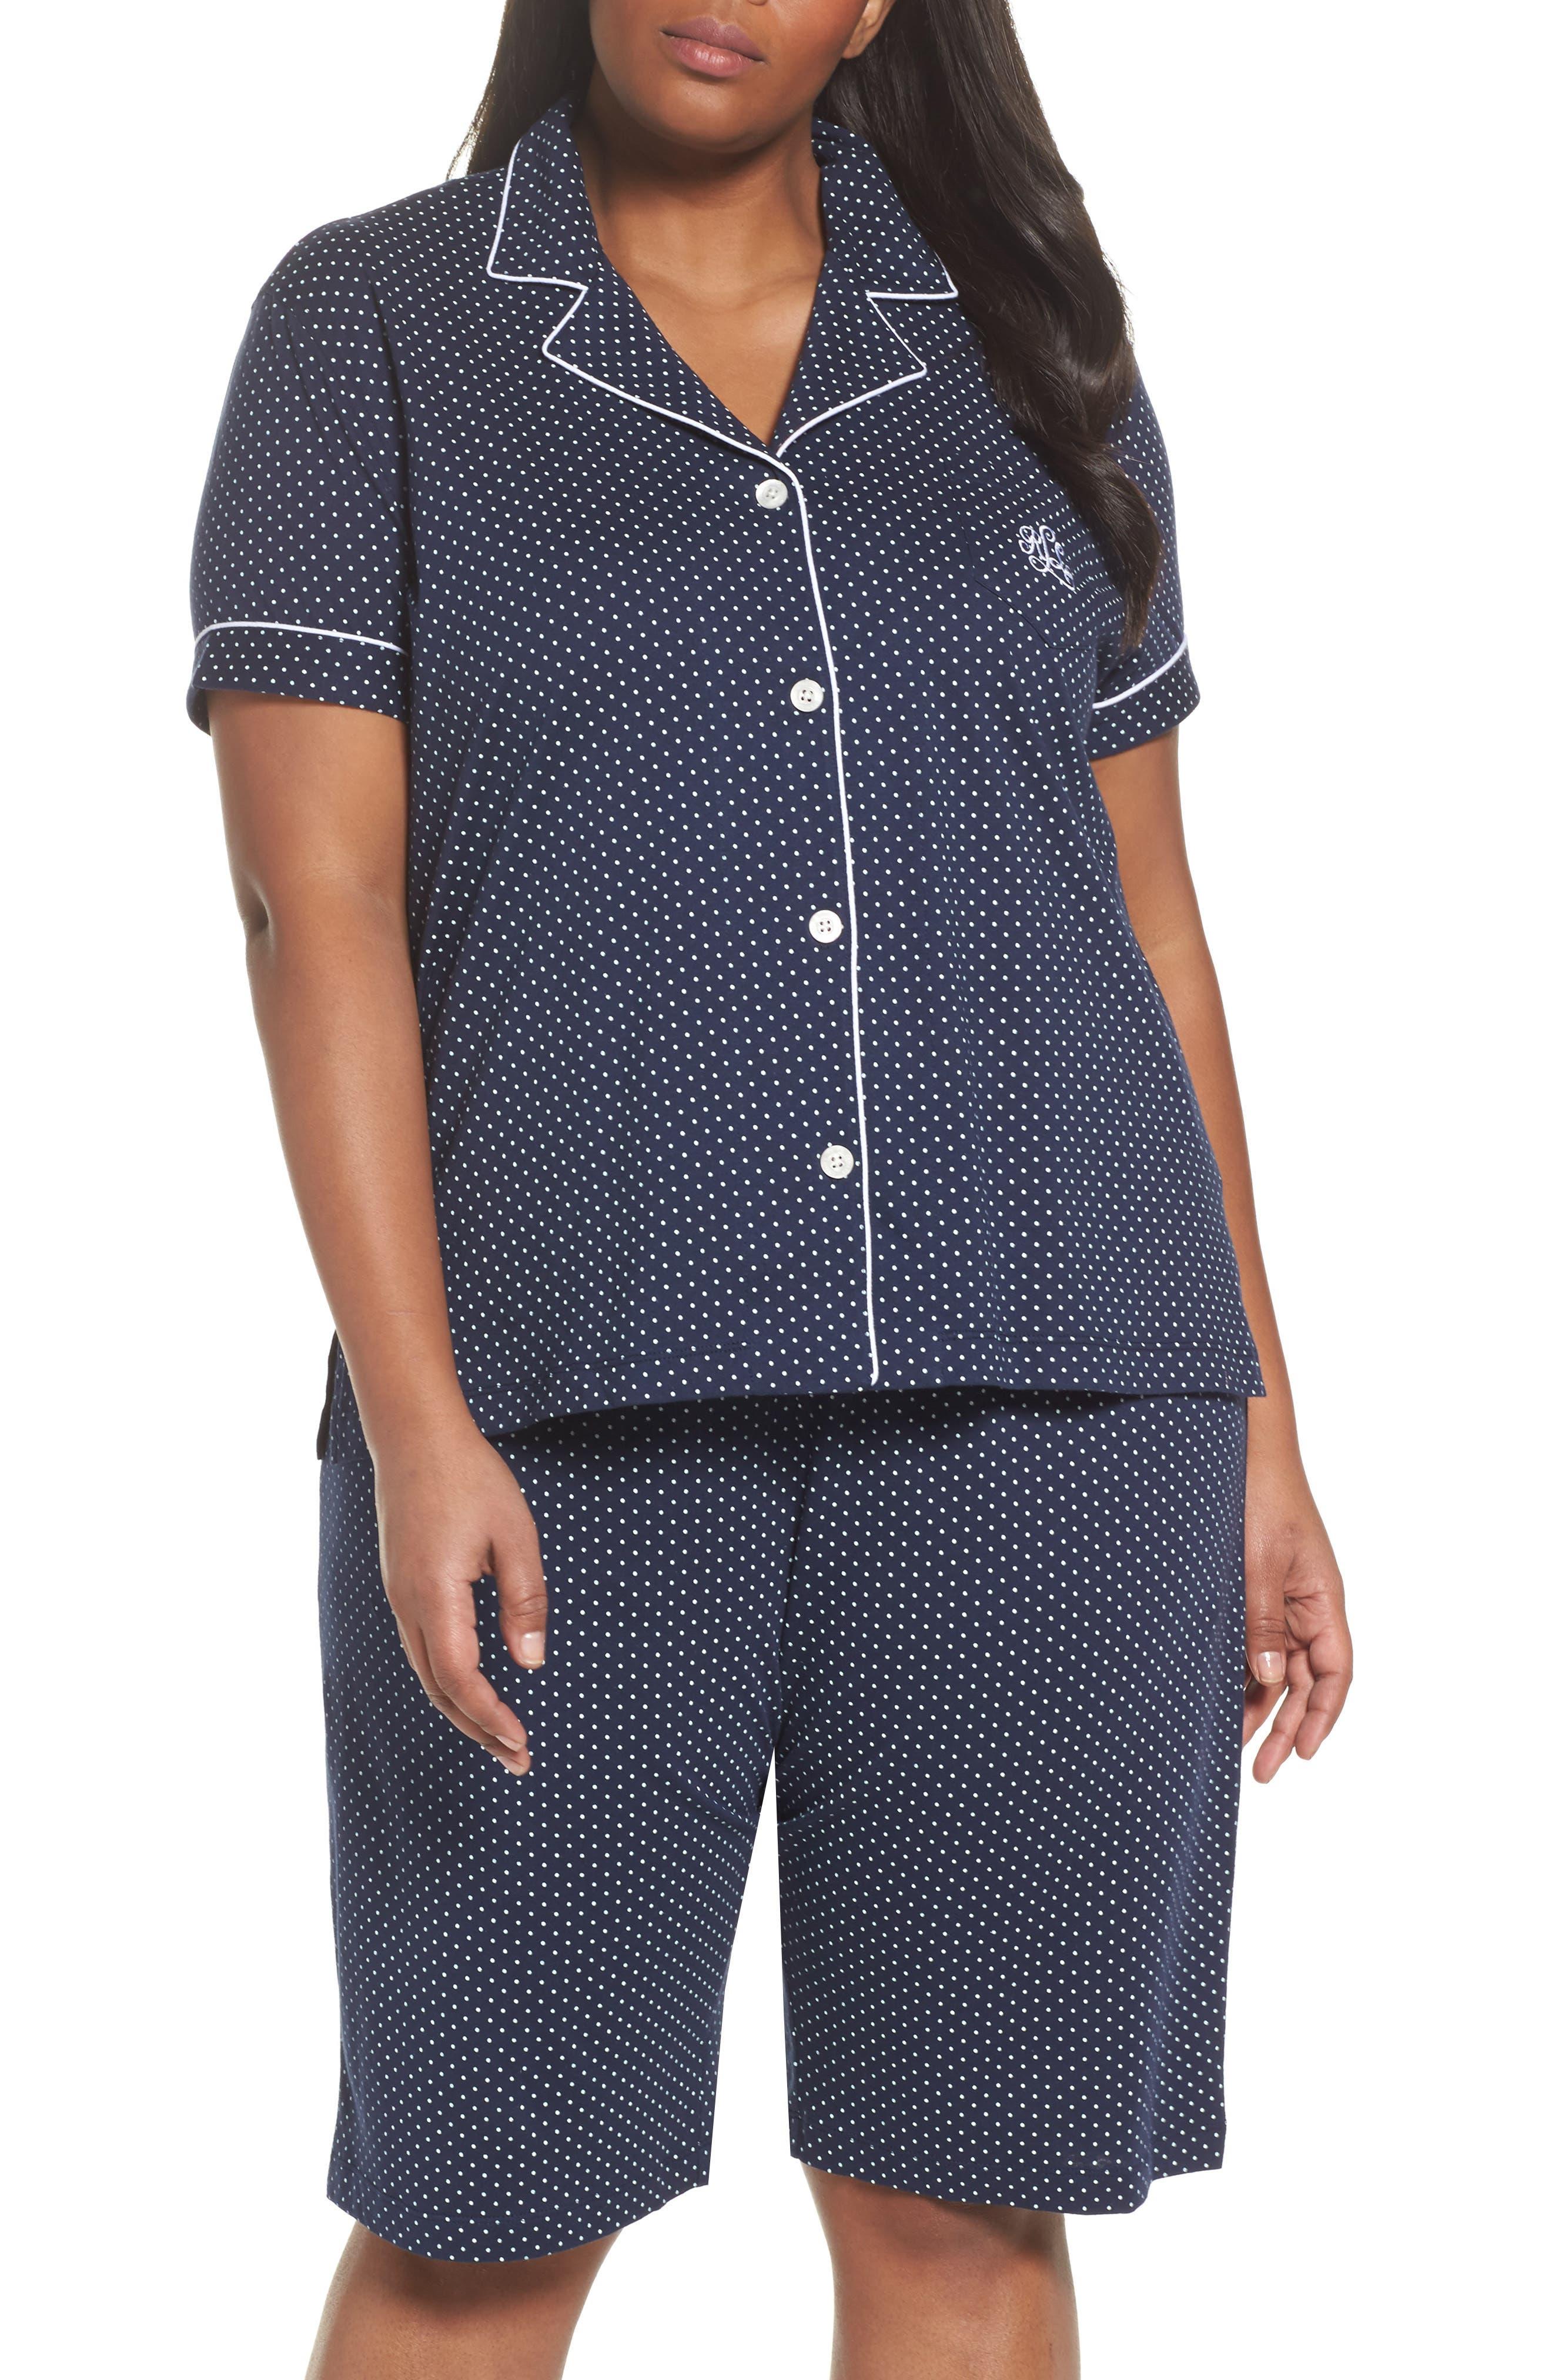 LAUREN RALPH LAUREN, Bermuda Pajamas, Main thumbnail 1, color, NAVY DOT